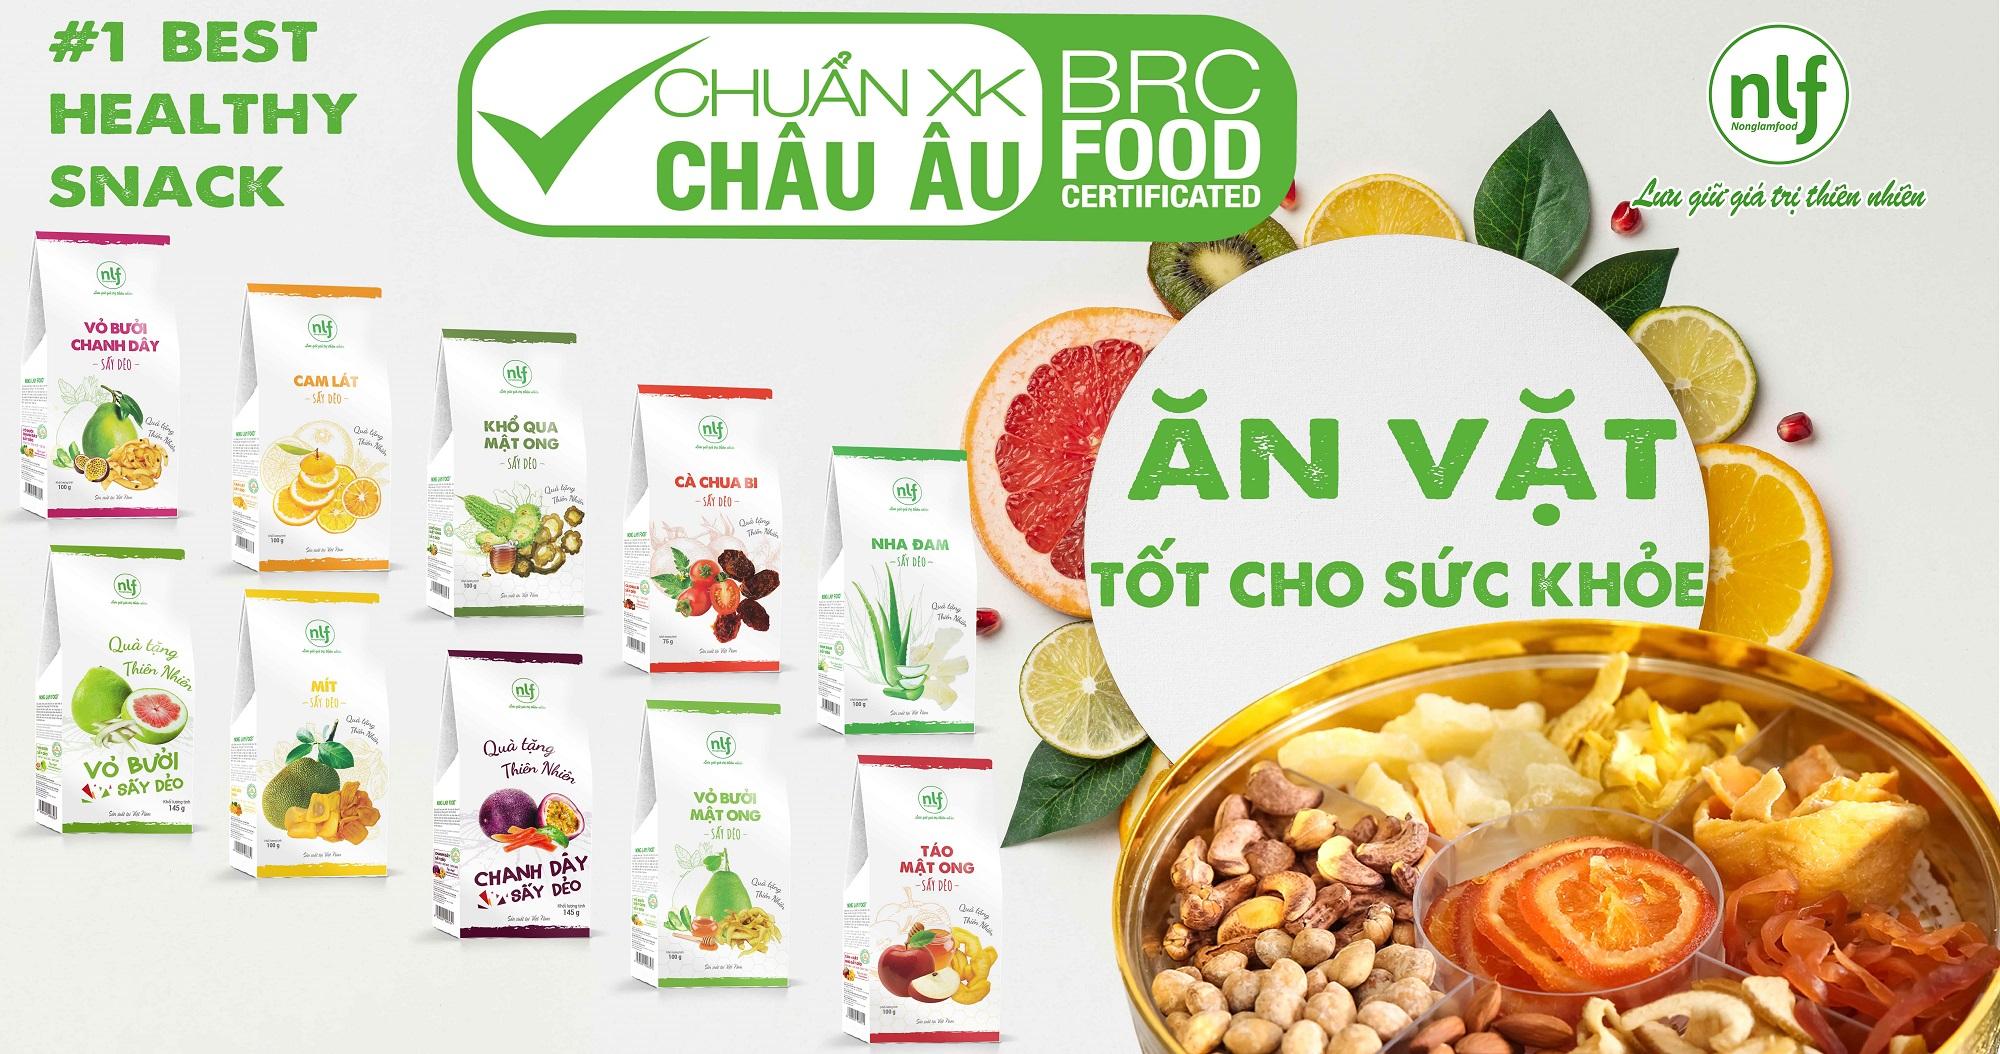 Trái cây sấy | hạt dinh dưỡng | Ăn vặt tốt cho sức khỏe | Healthy Snacks